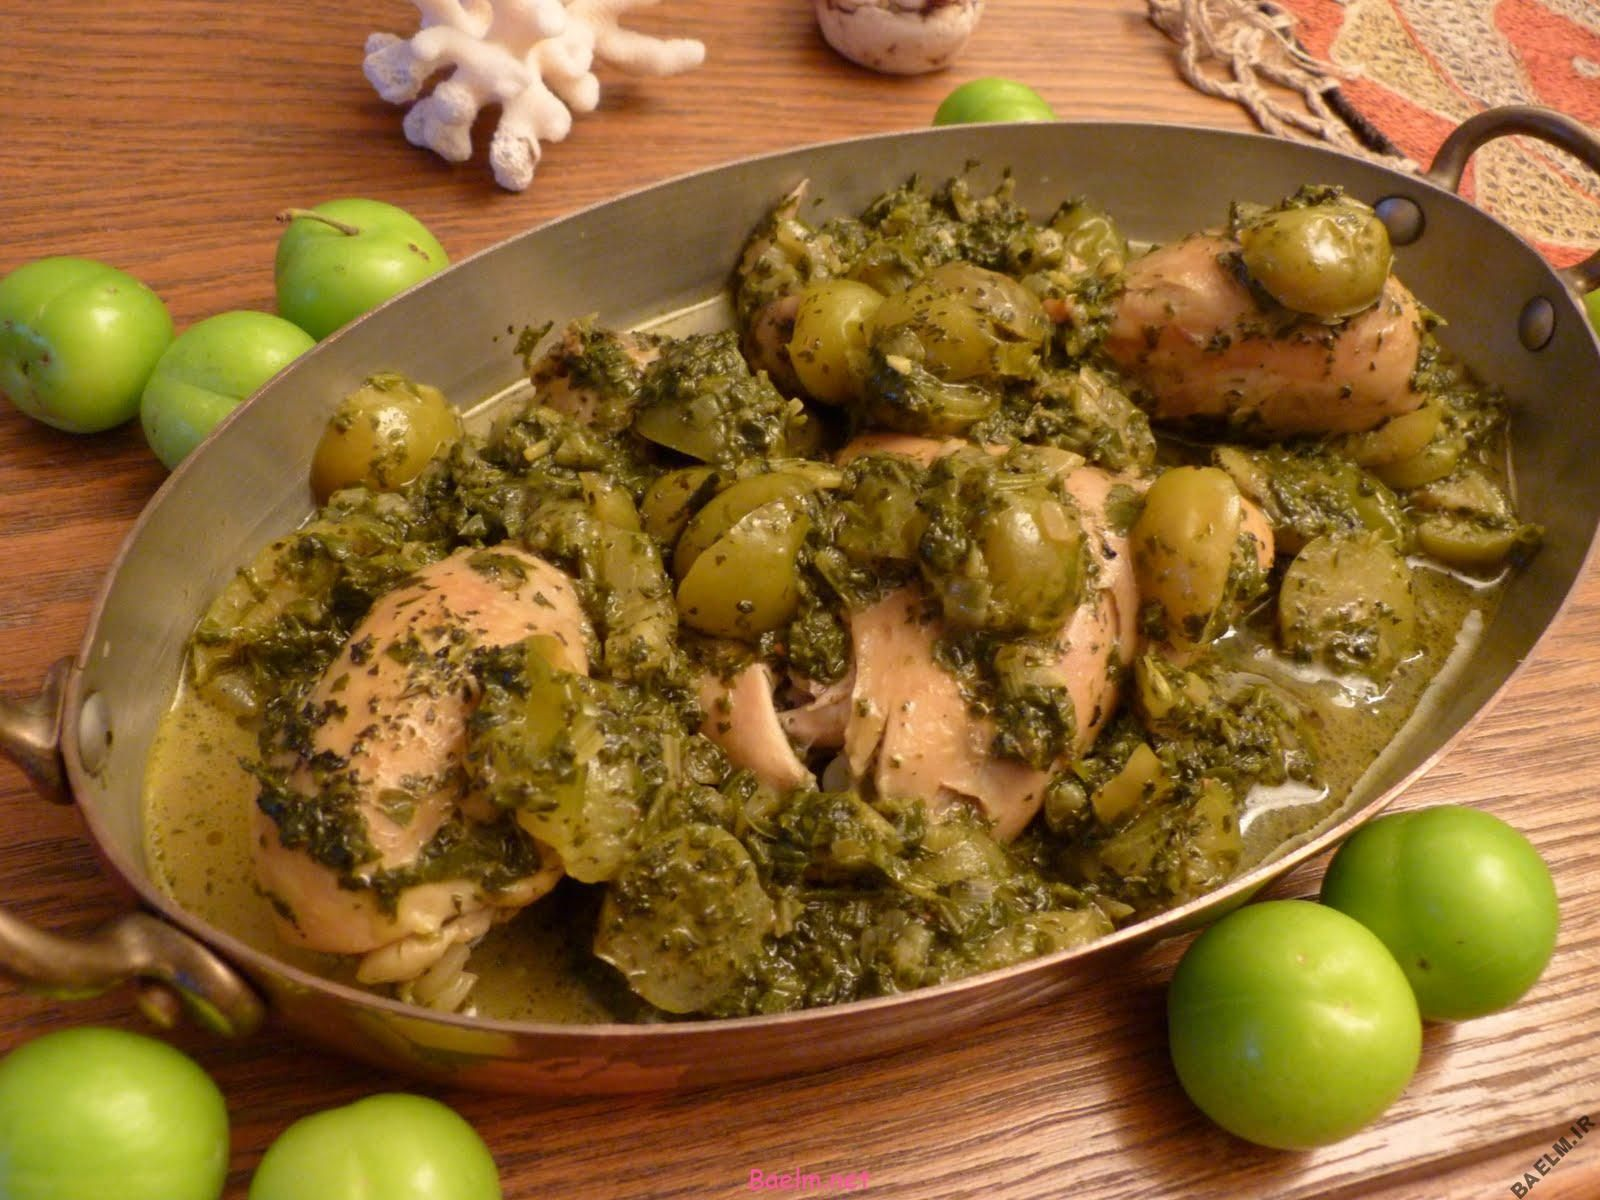 روش پخت مخلوط خورشت گوجه سبز با چغاله بادام